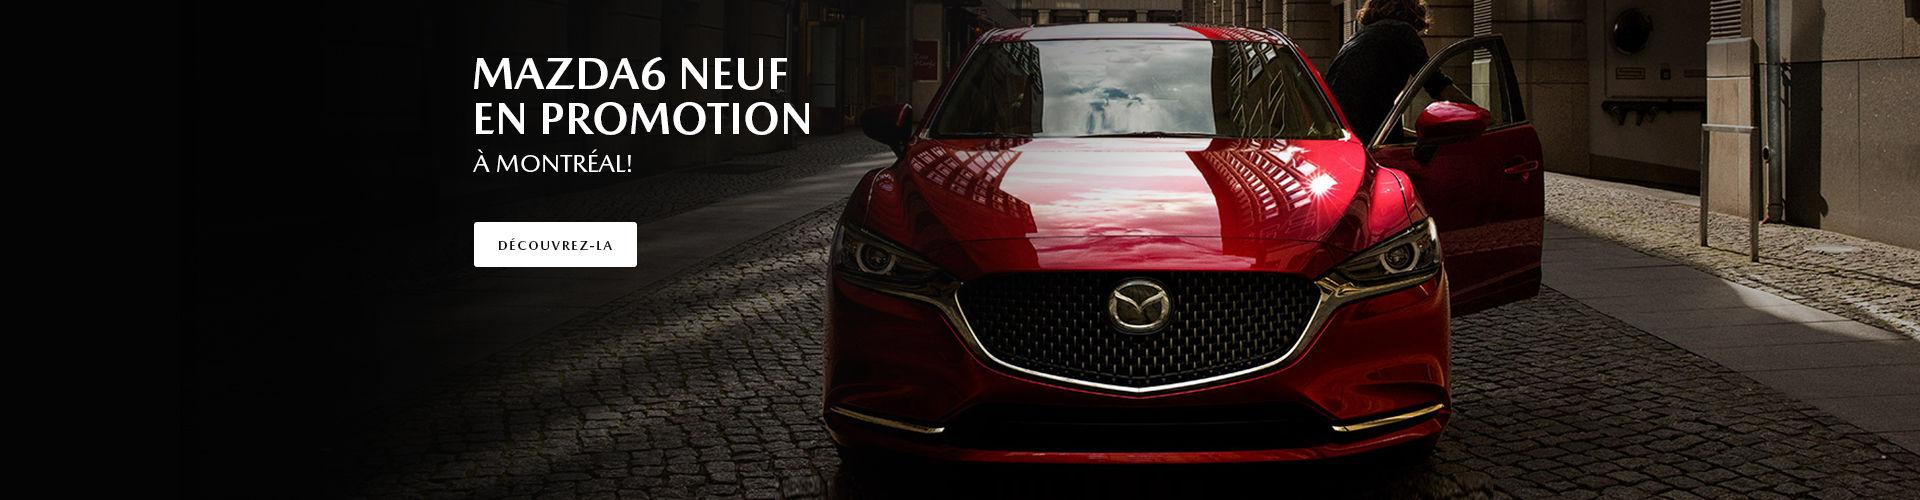 Mazda6 neuf en promotion